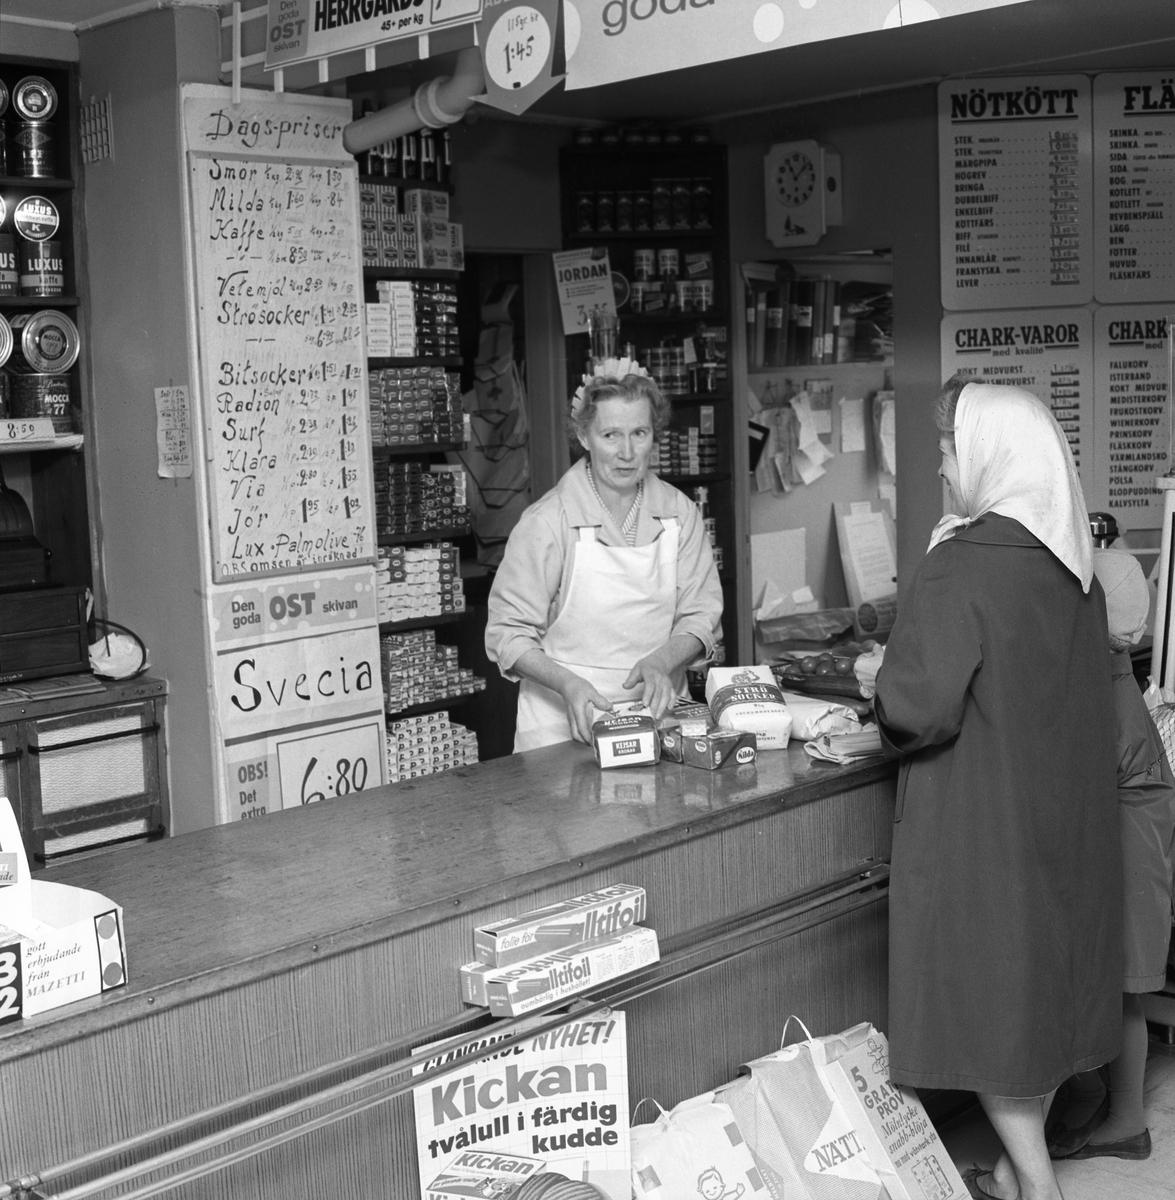 Yngve Anderssons speceriaffär på Hamrevägen. En kvinna köper varor över disk i handelsboden. Expediten är klädd i förkläde. Prislistor på väggen. Lanthandel, handelsbod